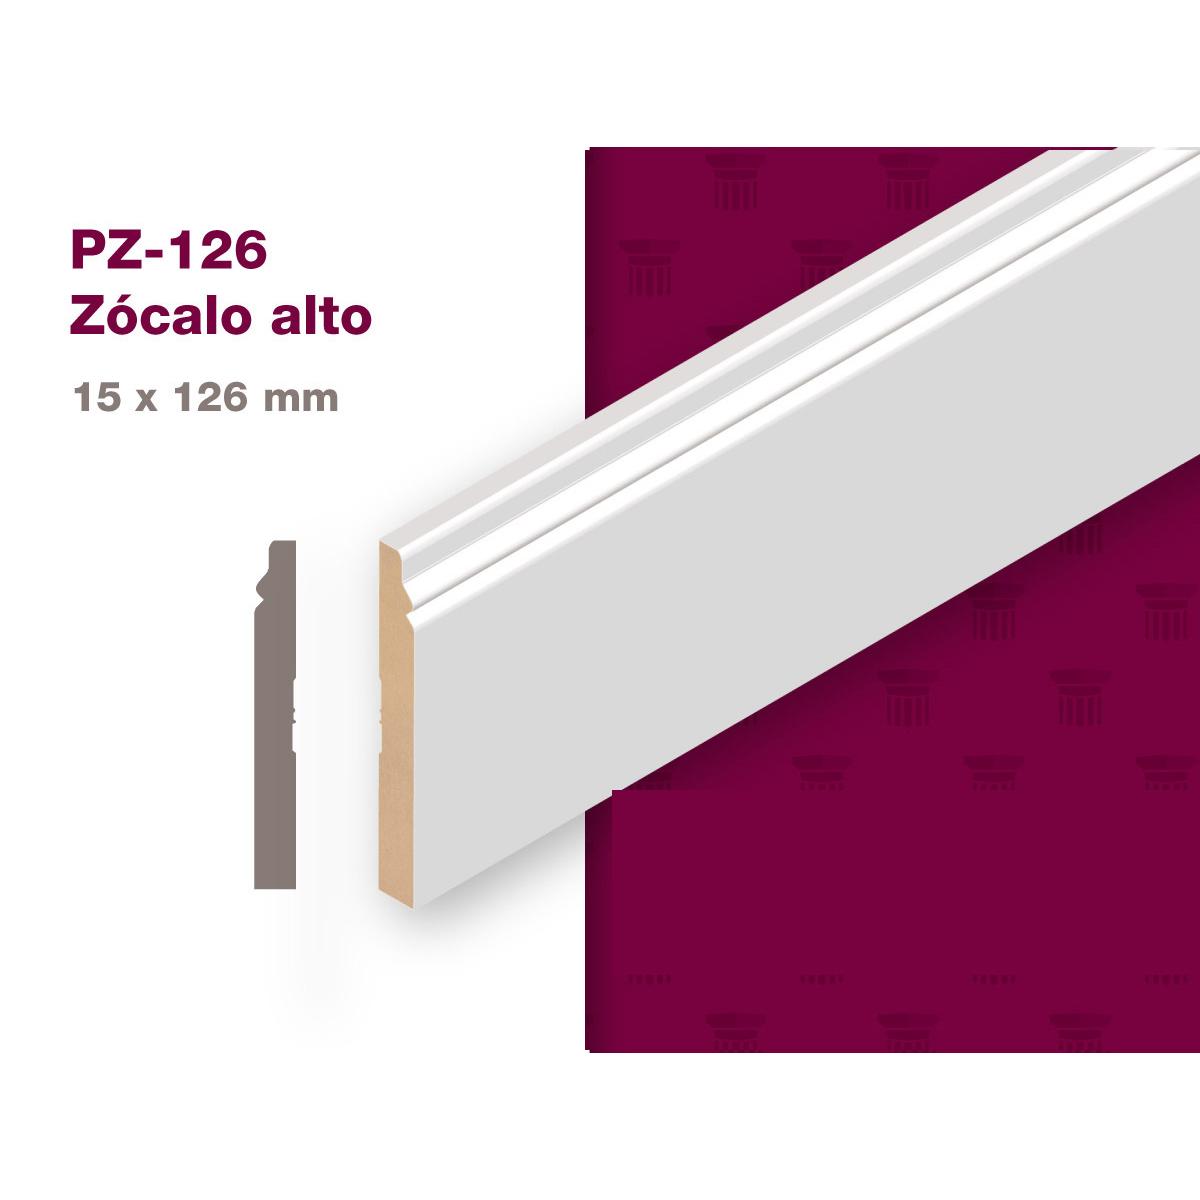 ZOCALO MDF PREPINTADO 15X126x2.75 PZ-126